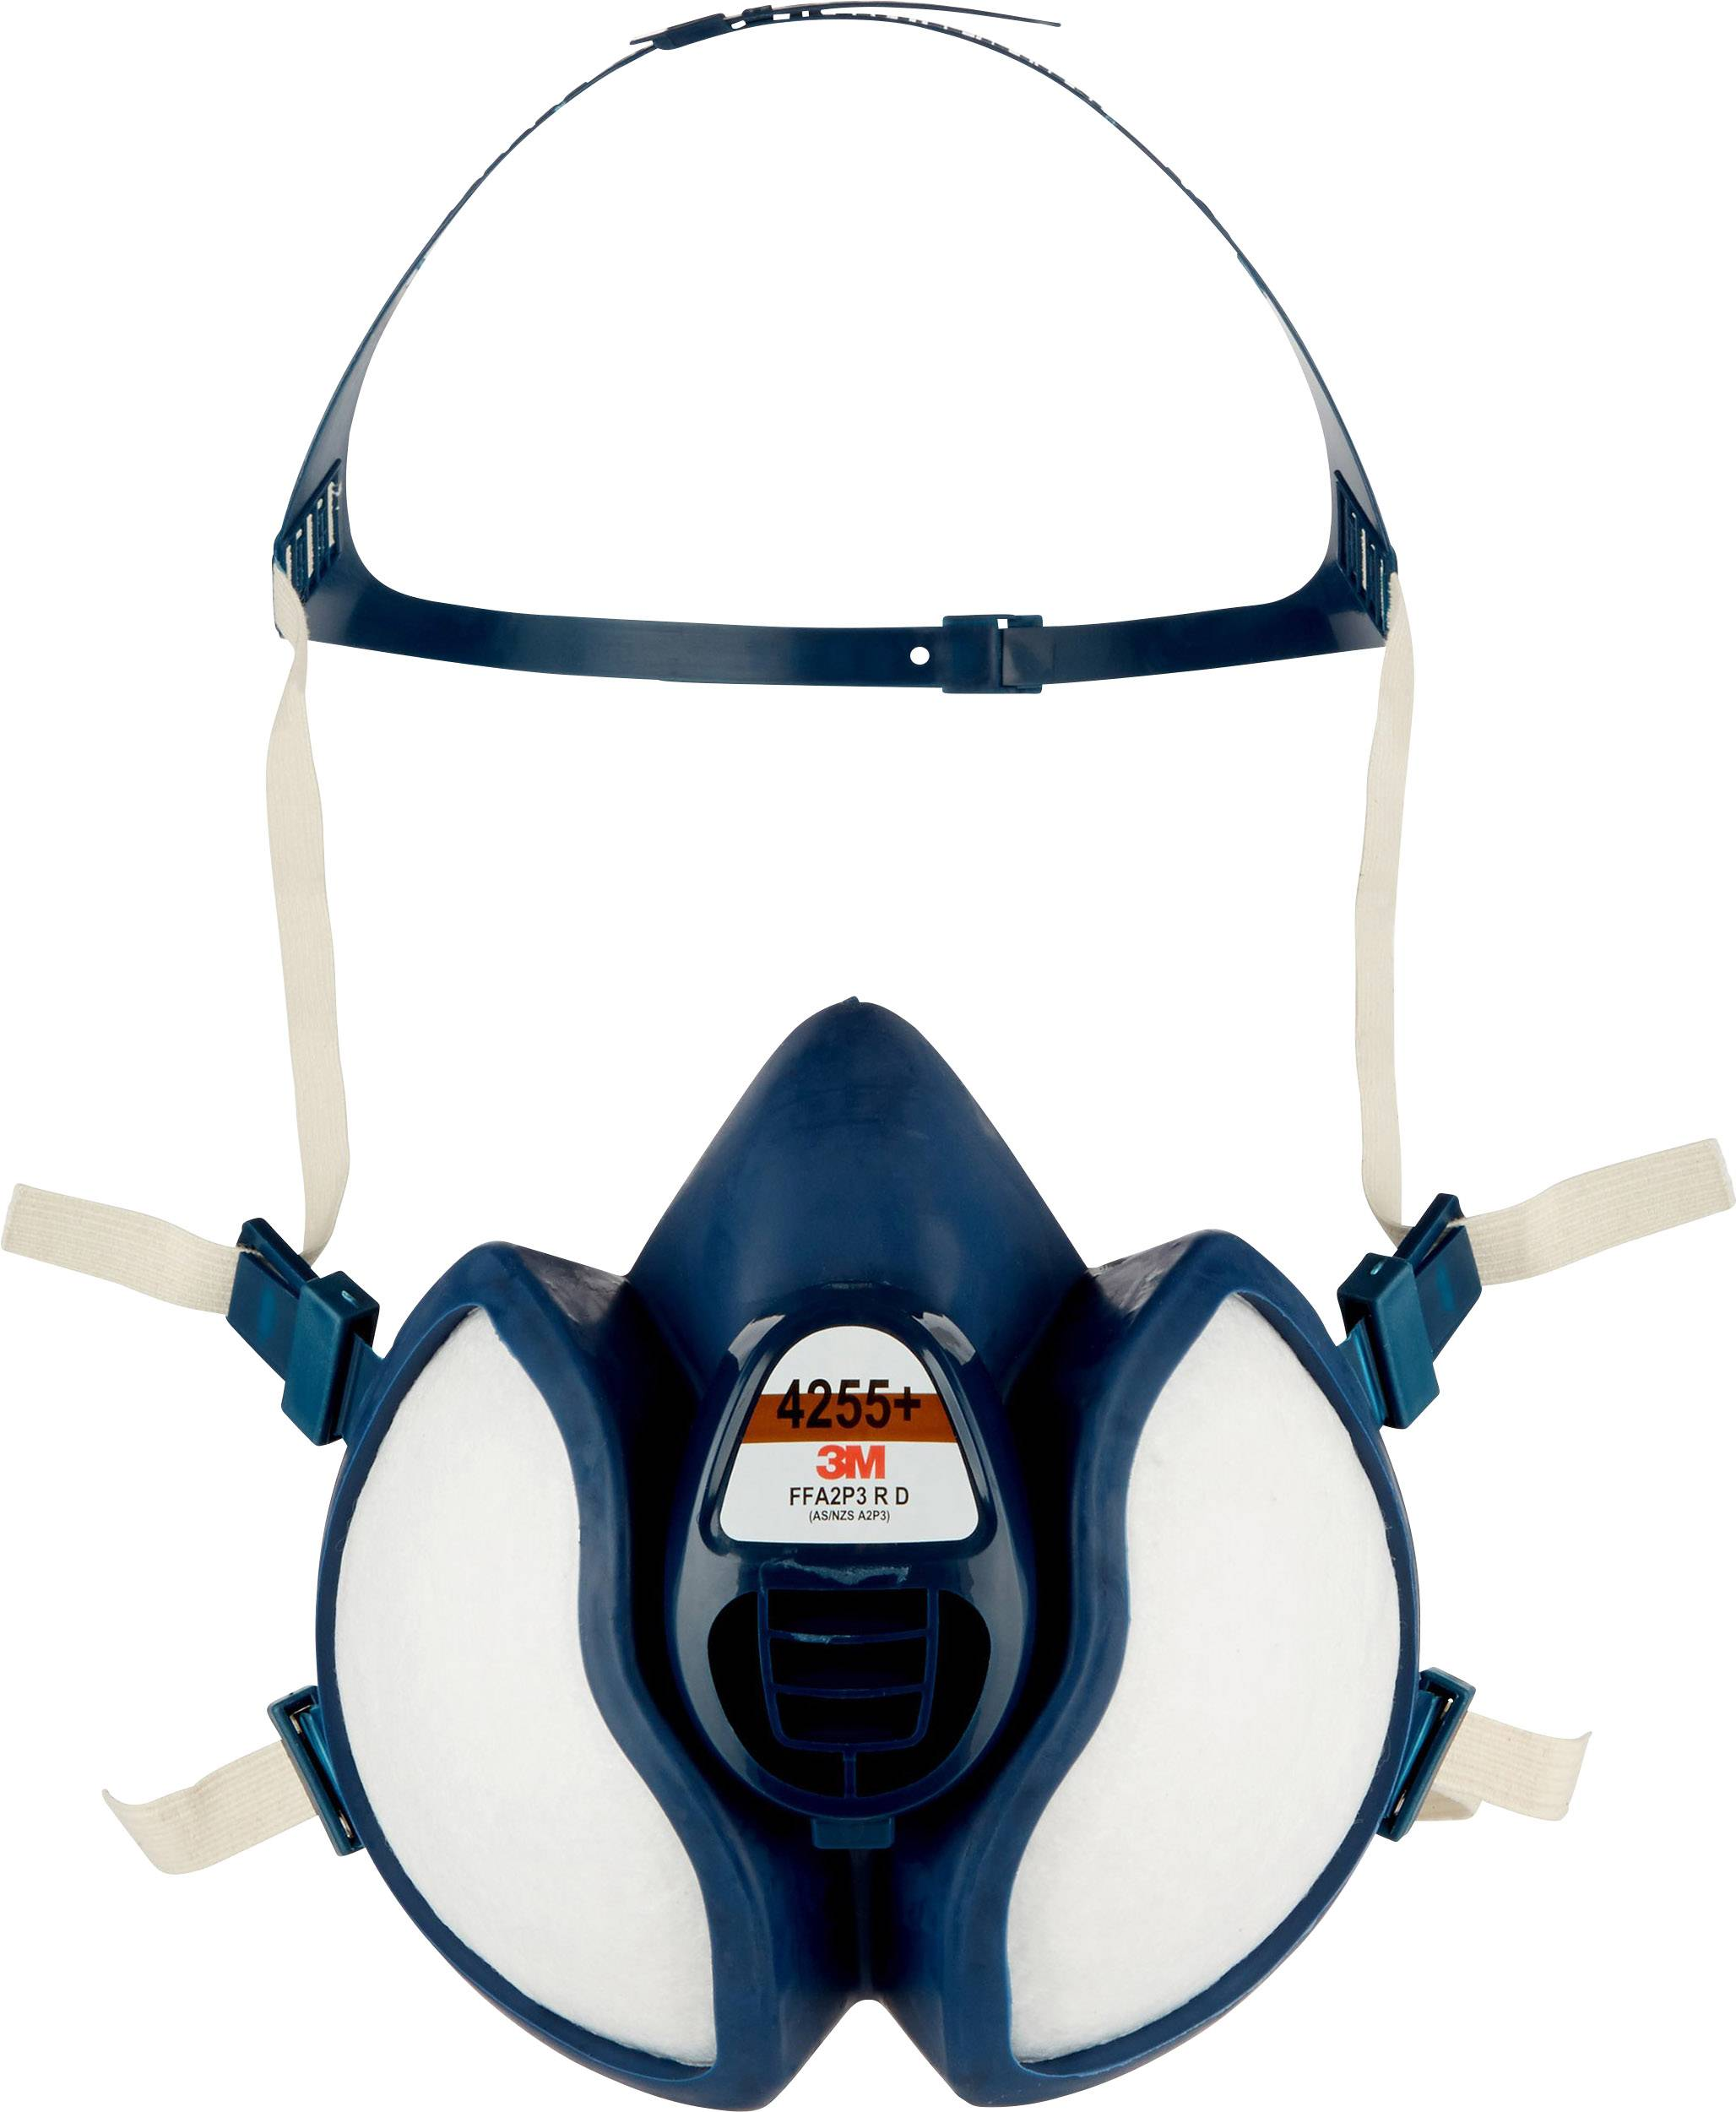 Nykomna 3M 4255+ Andningsskydd halvmask FFA2P3 R D | Conrad.se JY-73